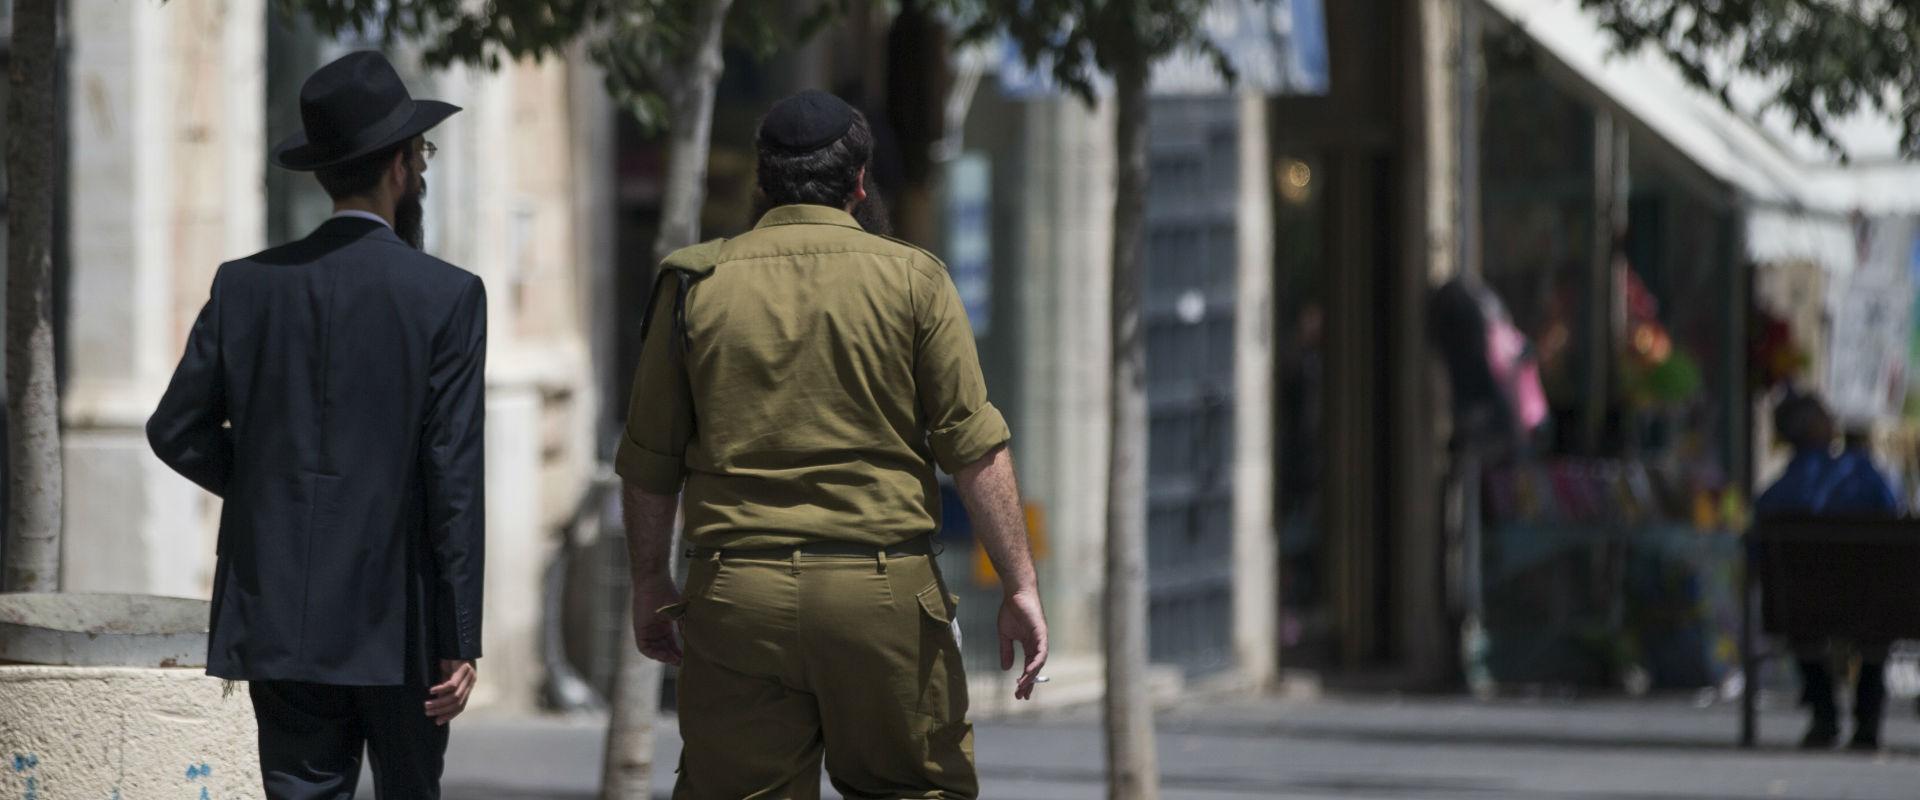 חייל חרדי צועד לצד גבר חרדי בירושלים (אילוסטרציה)